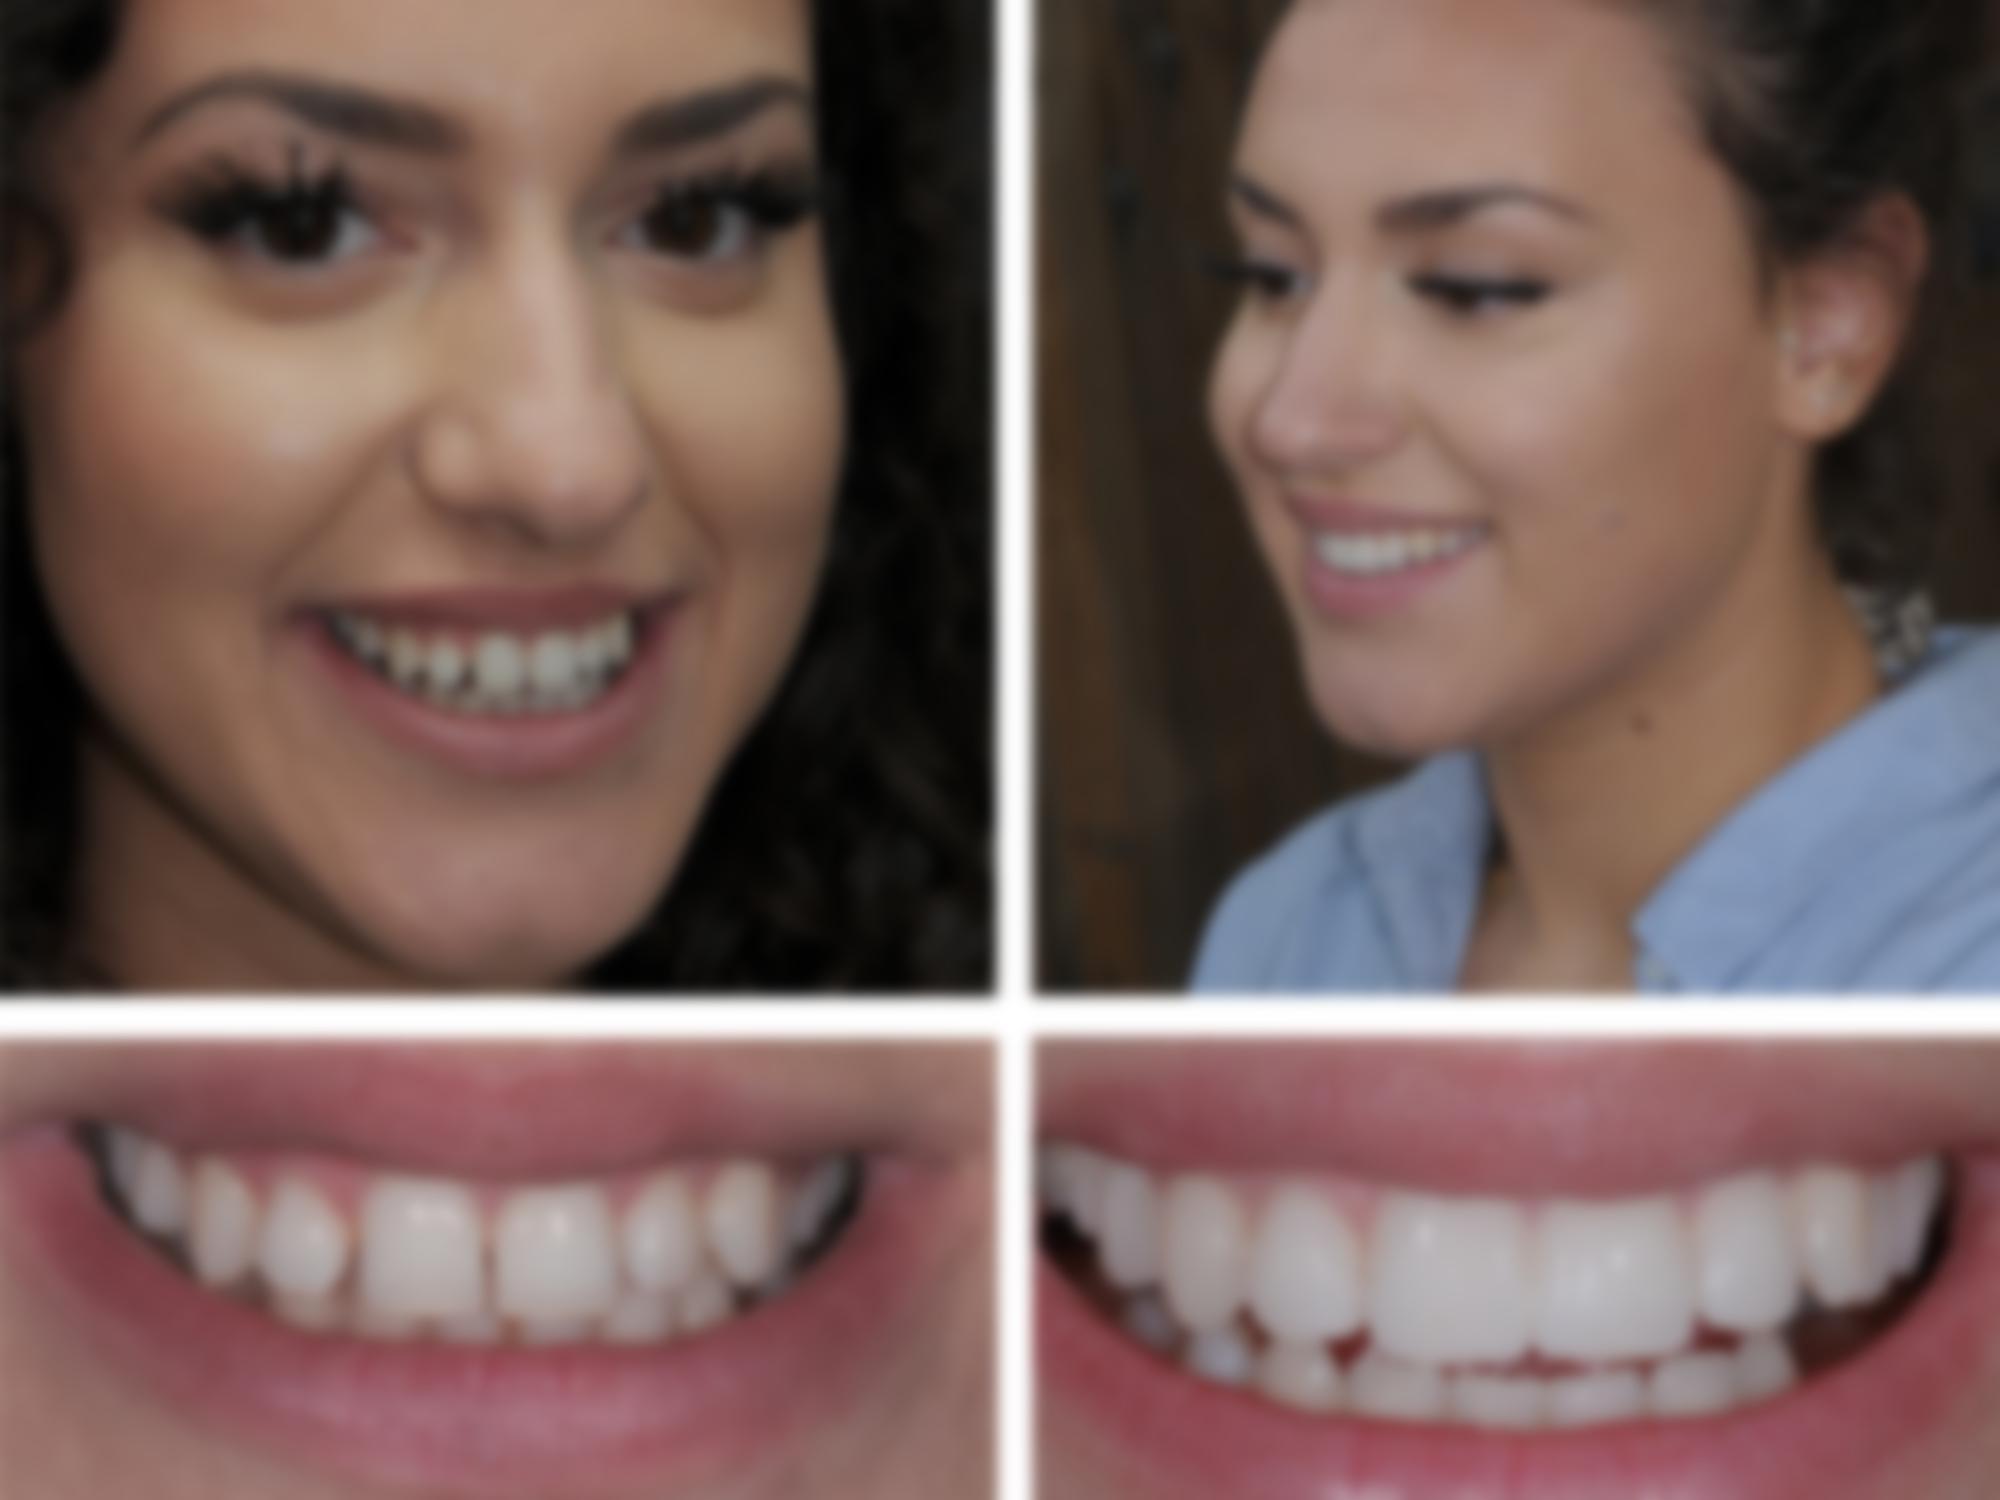 год фото зубов с винирами модель